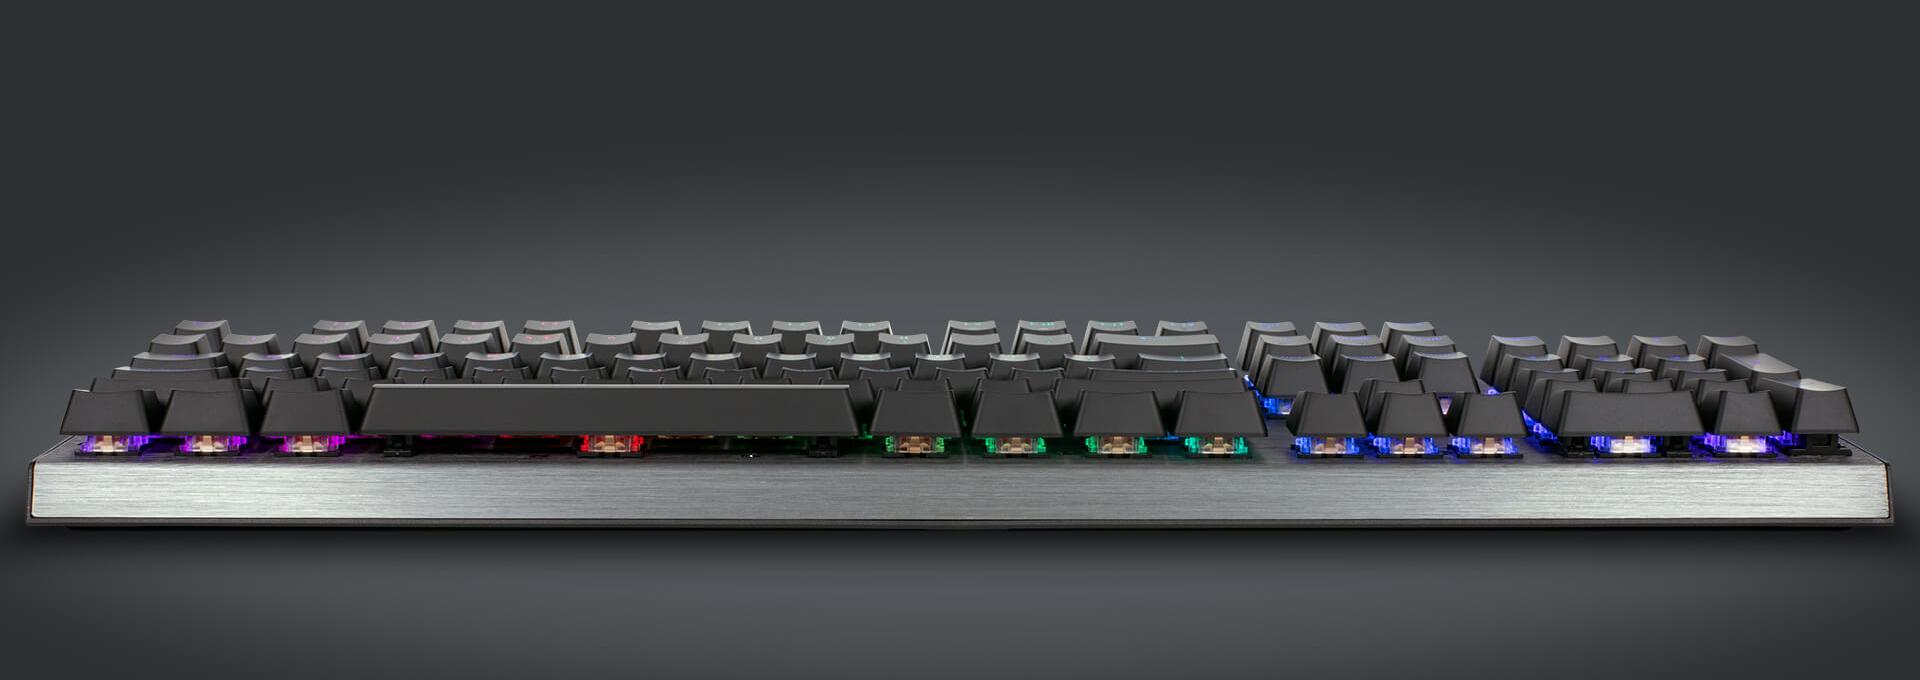 Bàn phím cơ Cooler Master CK350 (USB/RGB/Red switch) sử dụng layout truyền thống